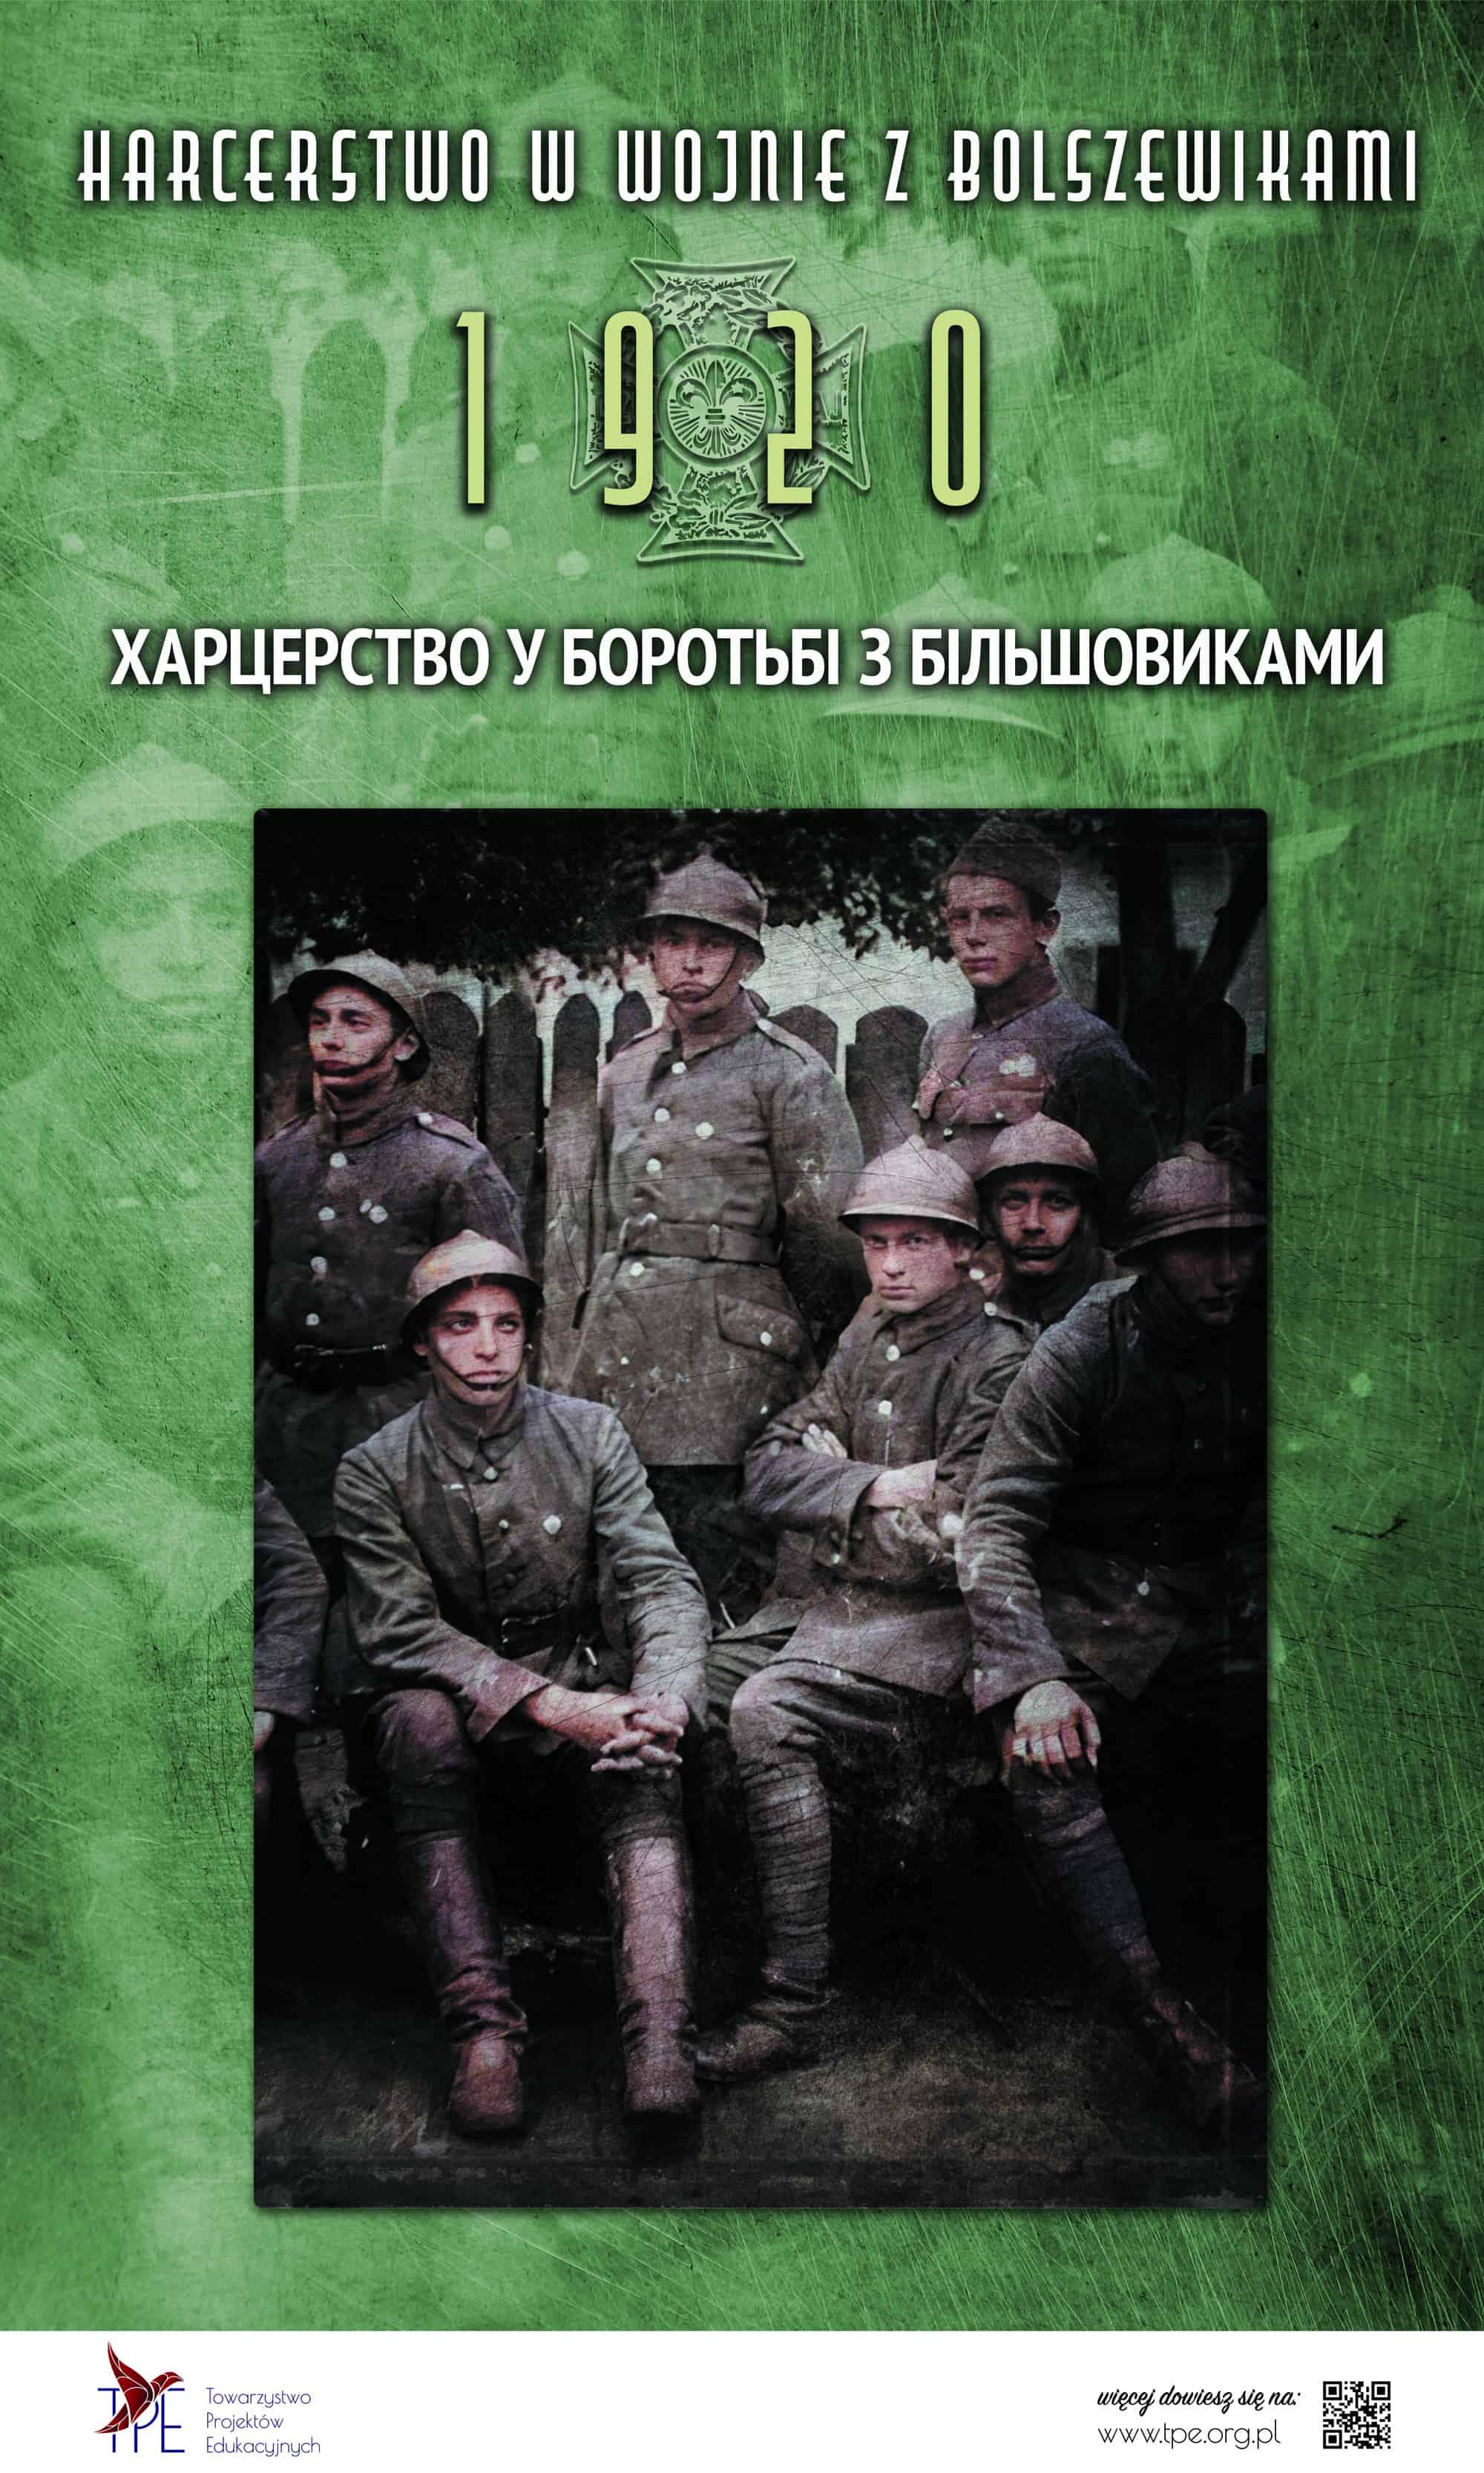 Harcerstwo w wojnie z Bolszewikami 1920